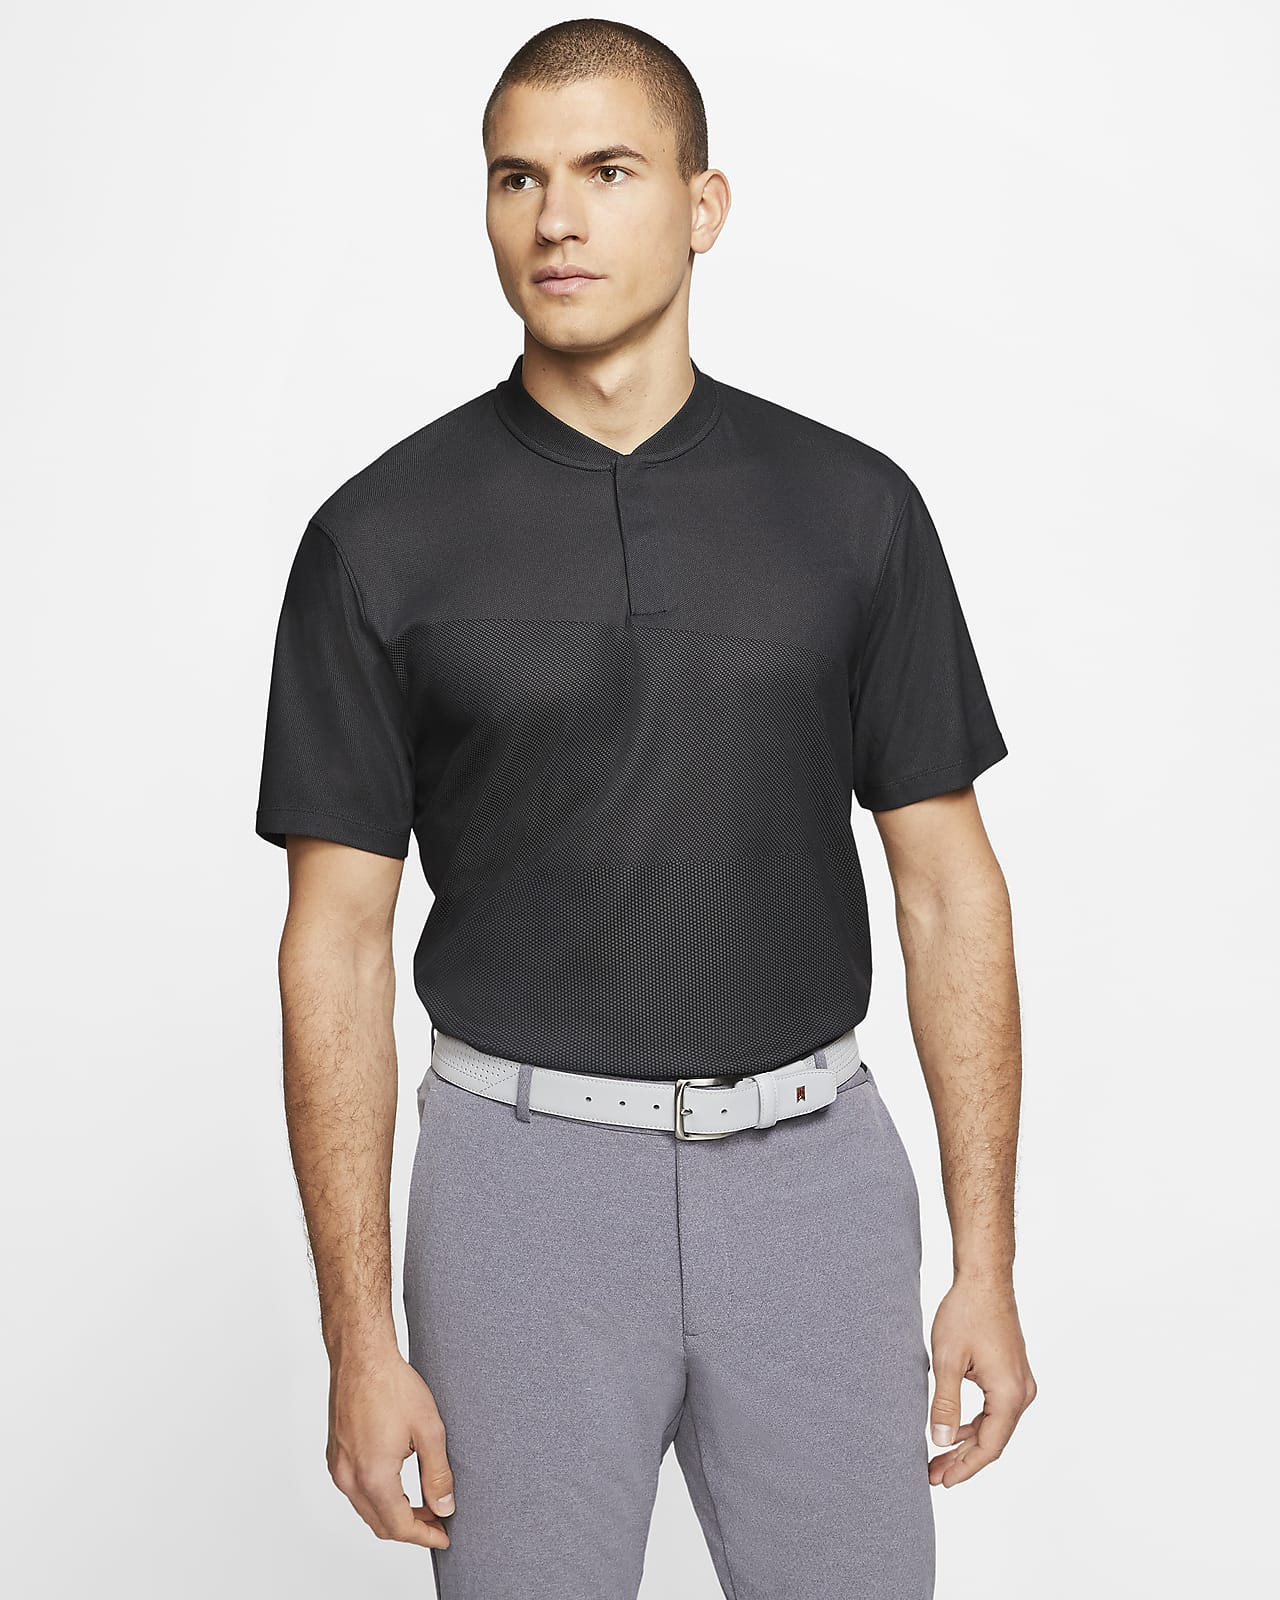 Nike Dri-FIT Tiger Woods Men's Golf